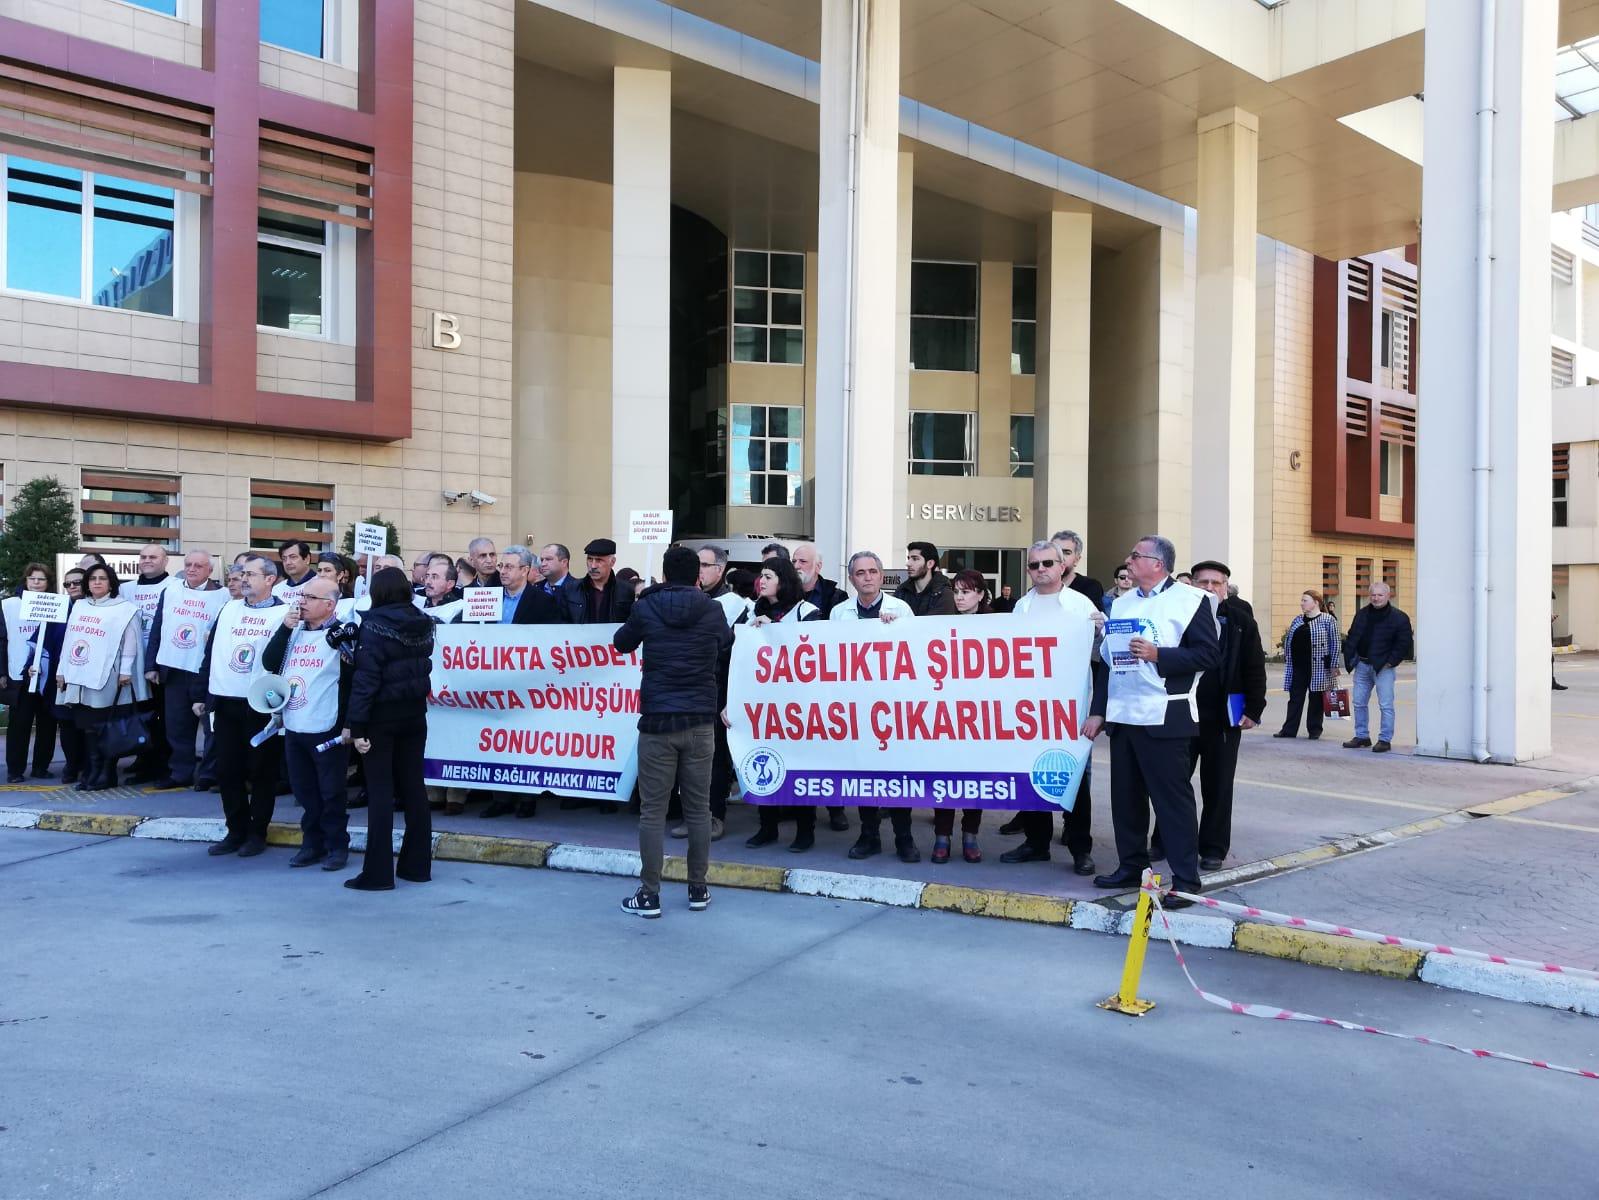 Mersin Sağlık Hakkı Meclisi: 15 Mart'ta Beyaz Miting'de Buluşuyoruz